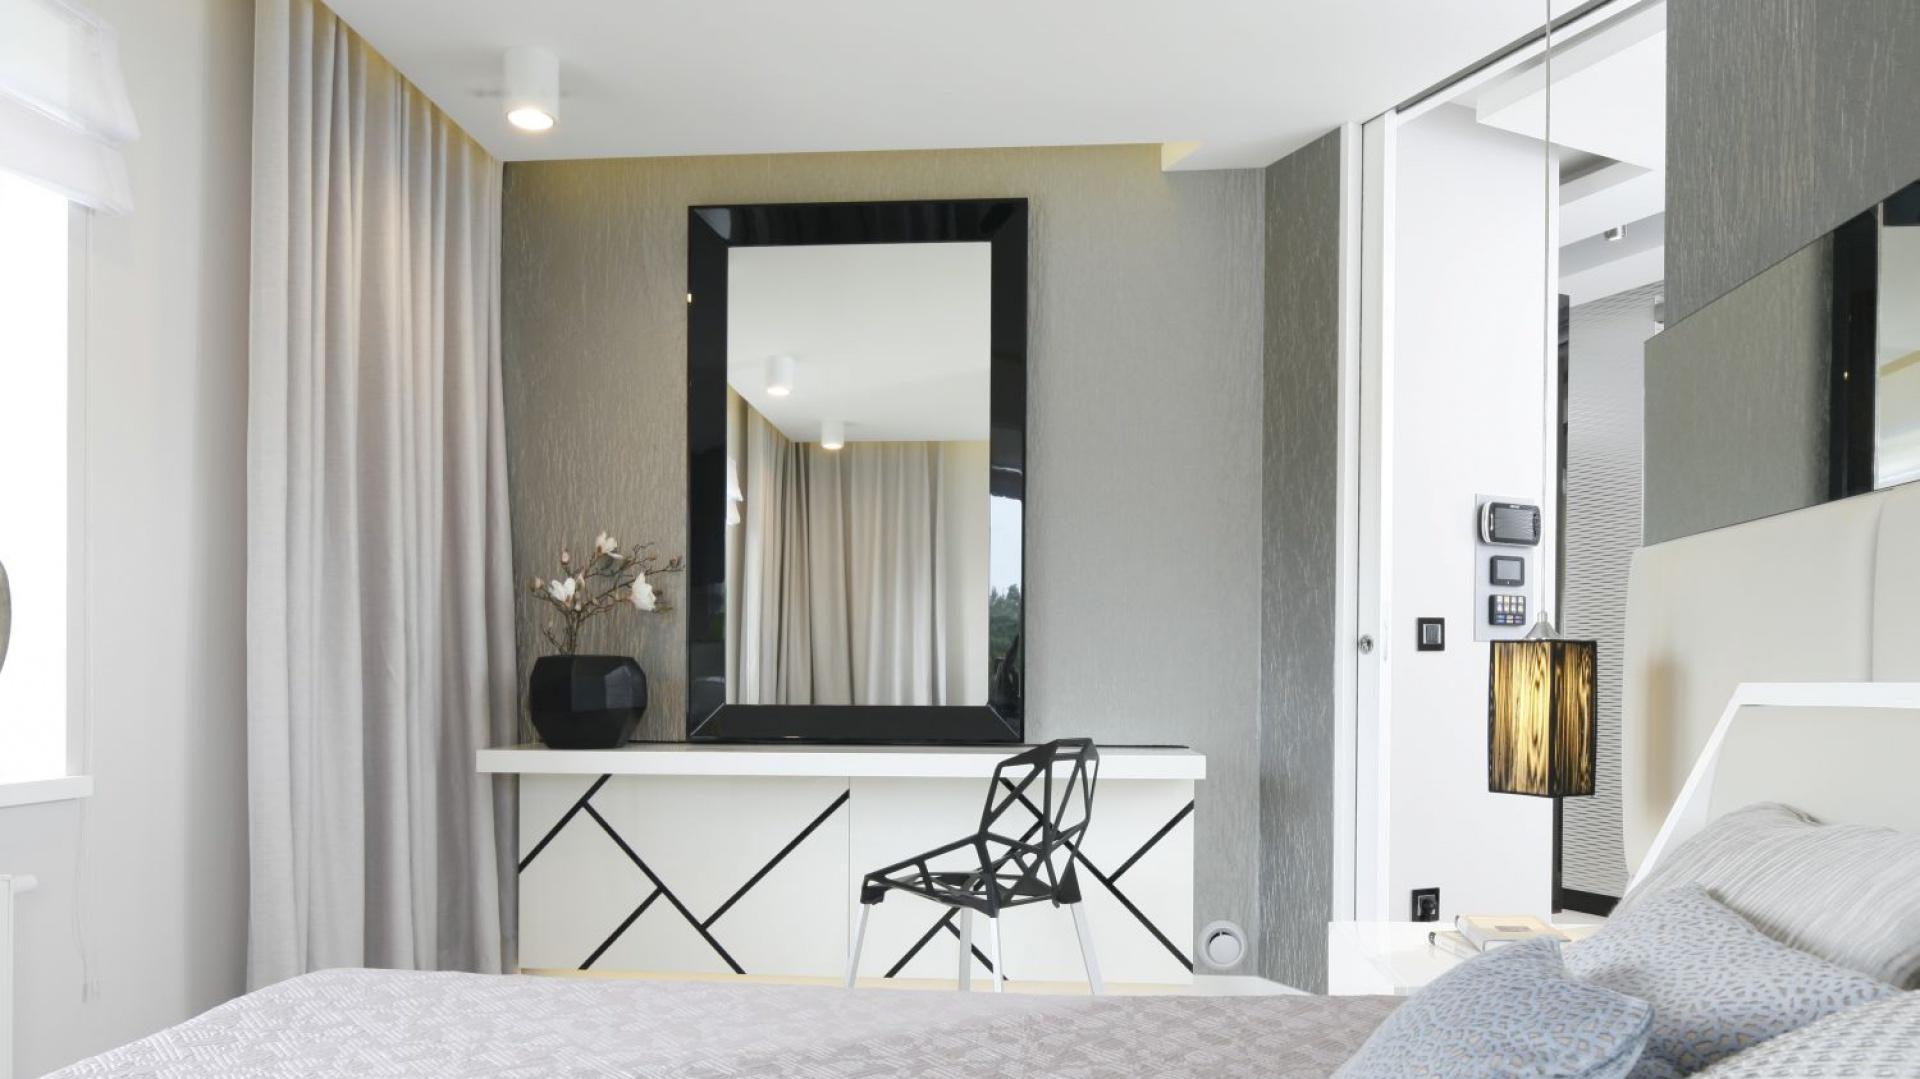 Nowoczesna toaletka ozdobiona jest czarnymi elementami omodnych geometrycznych kształtach, dzięki czemu świetnie komponuje się z kultowym krzesłem Chair One Magis. Projekt: Agnieszka Hajdas-Obajtek. Fot. Bartosz Jarosz.